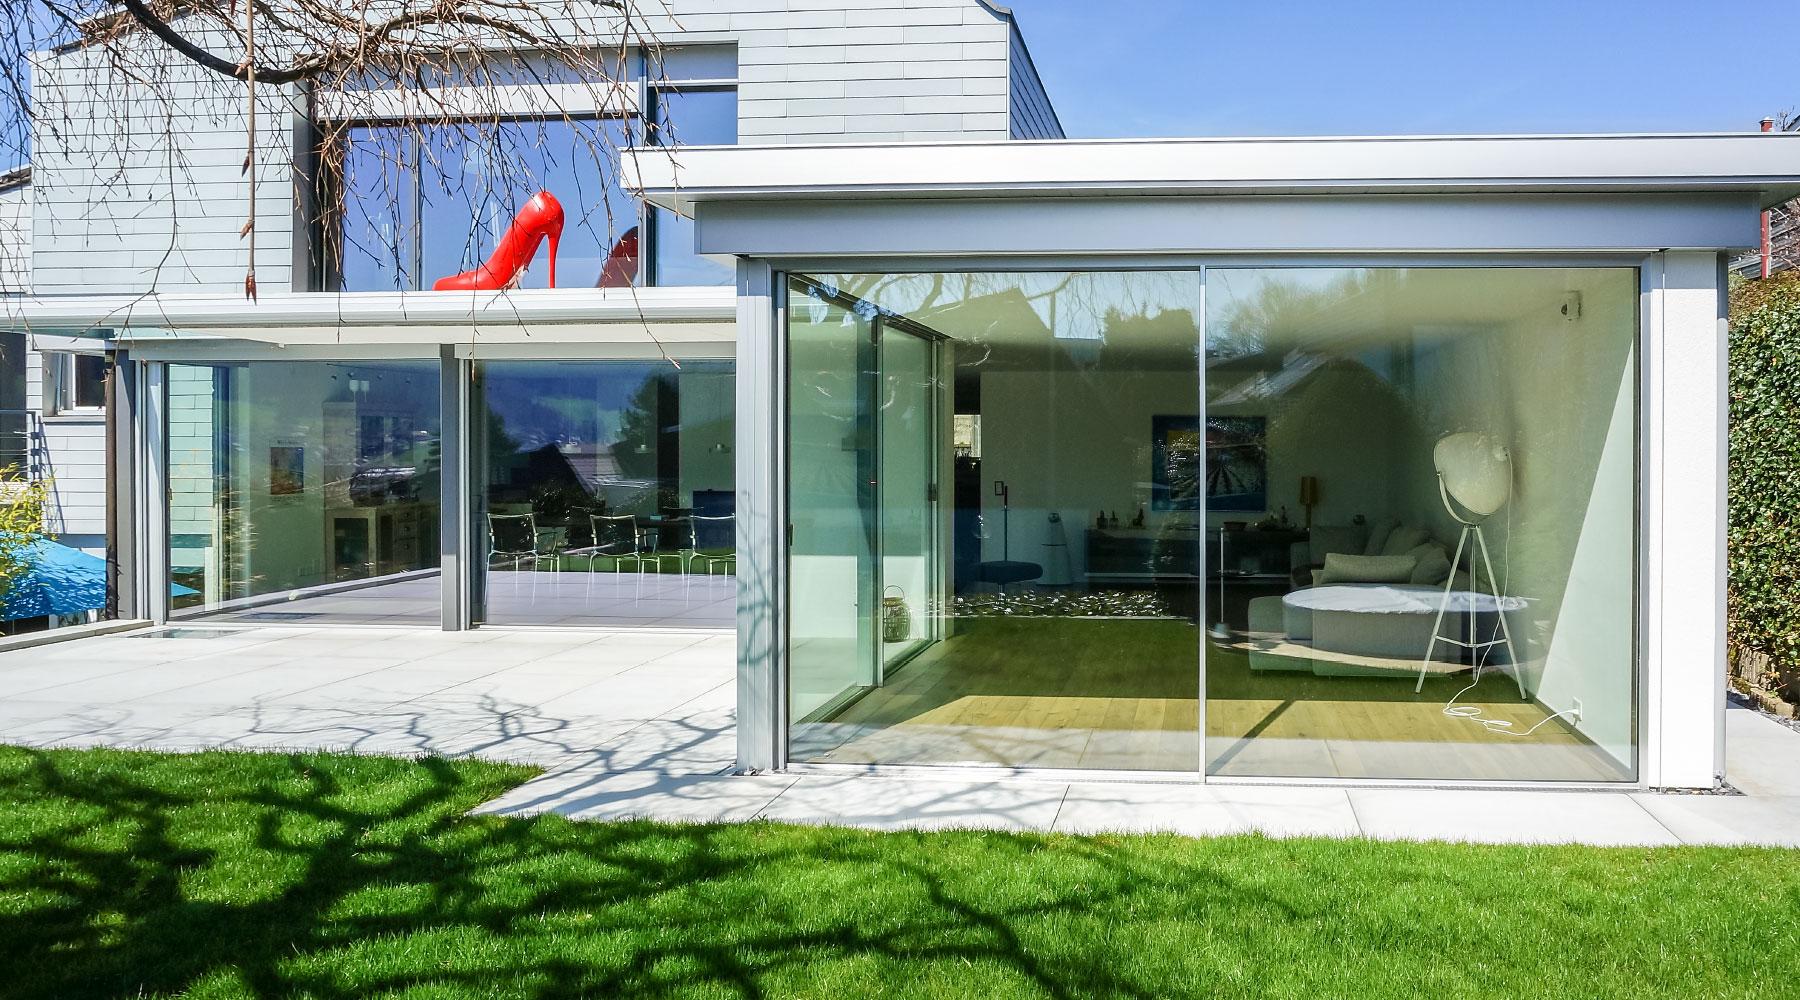 Wintergarten Wohnwintergarten Wohnraumerweiterungen Verglasungen